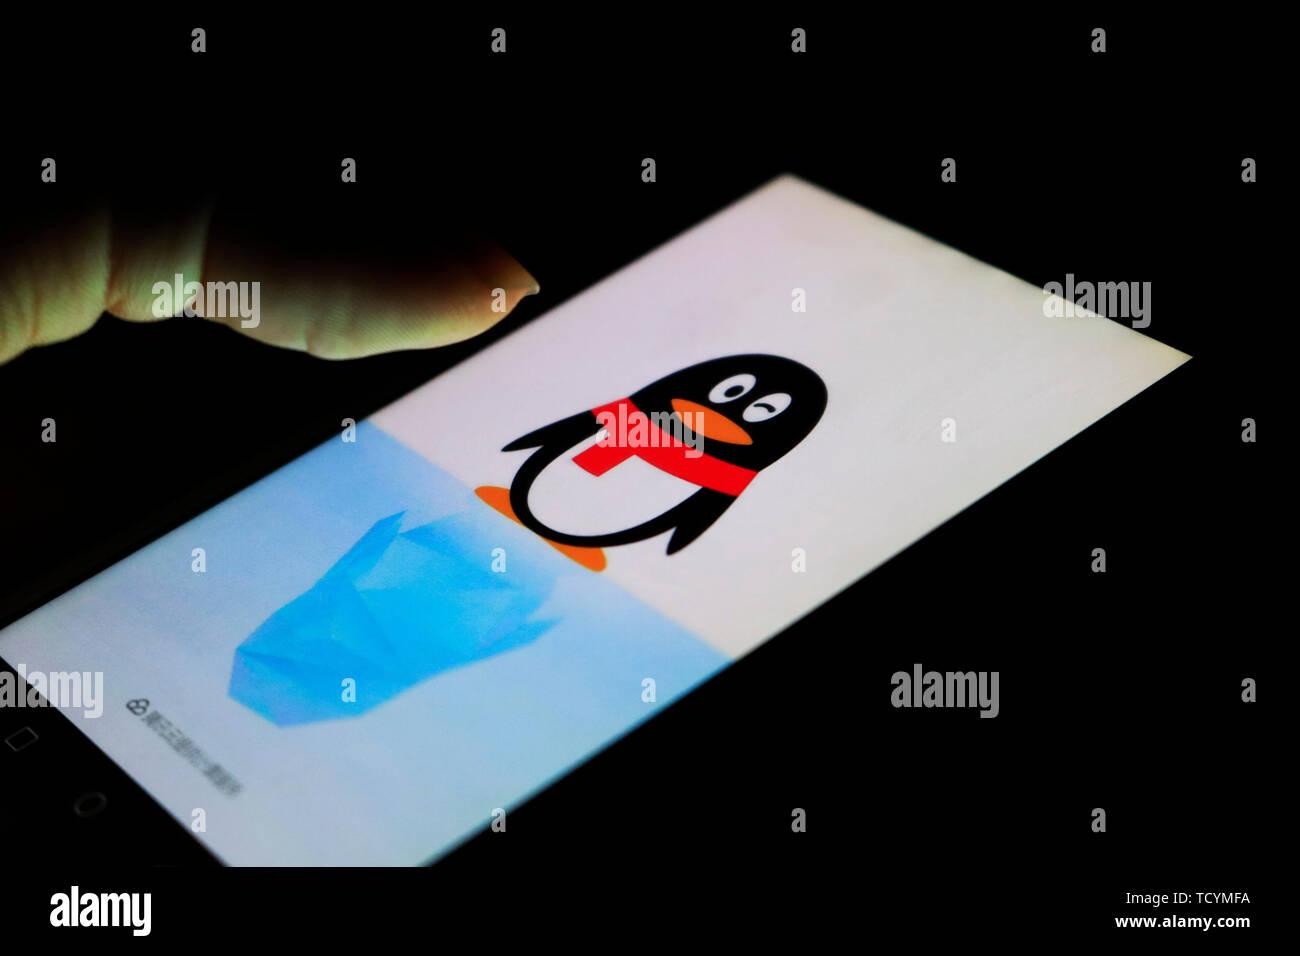 Qq Tencent Qq Mobile Phone Qq Stock Photo Alamy